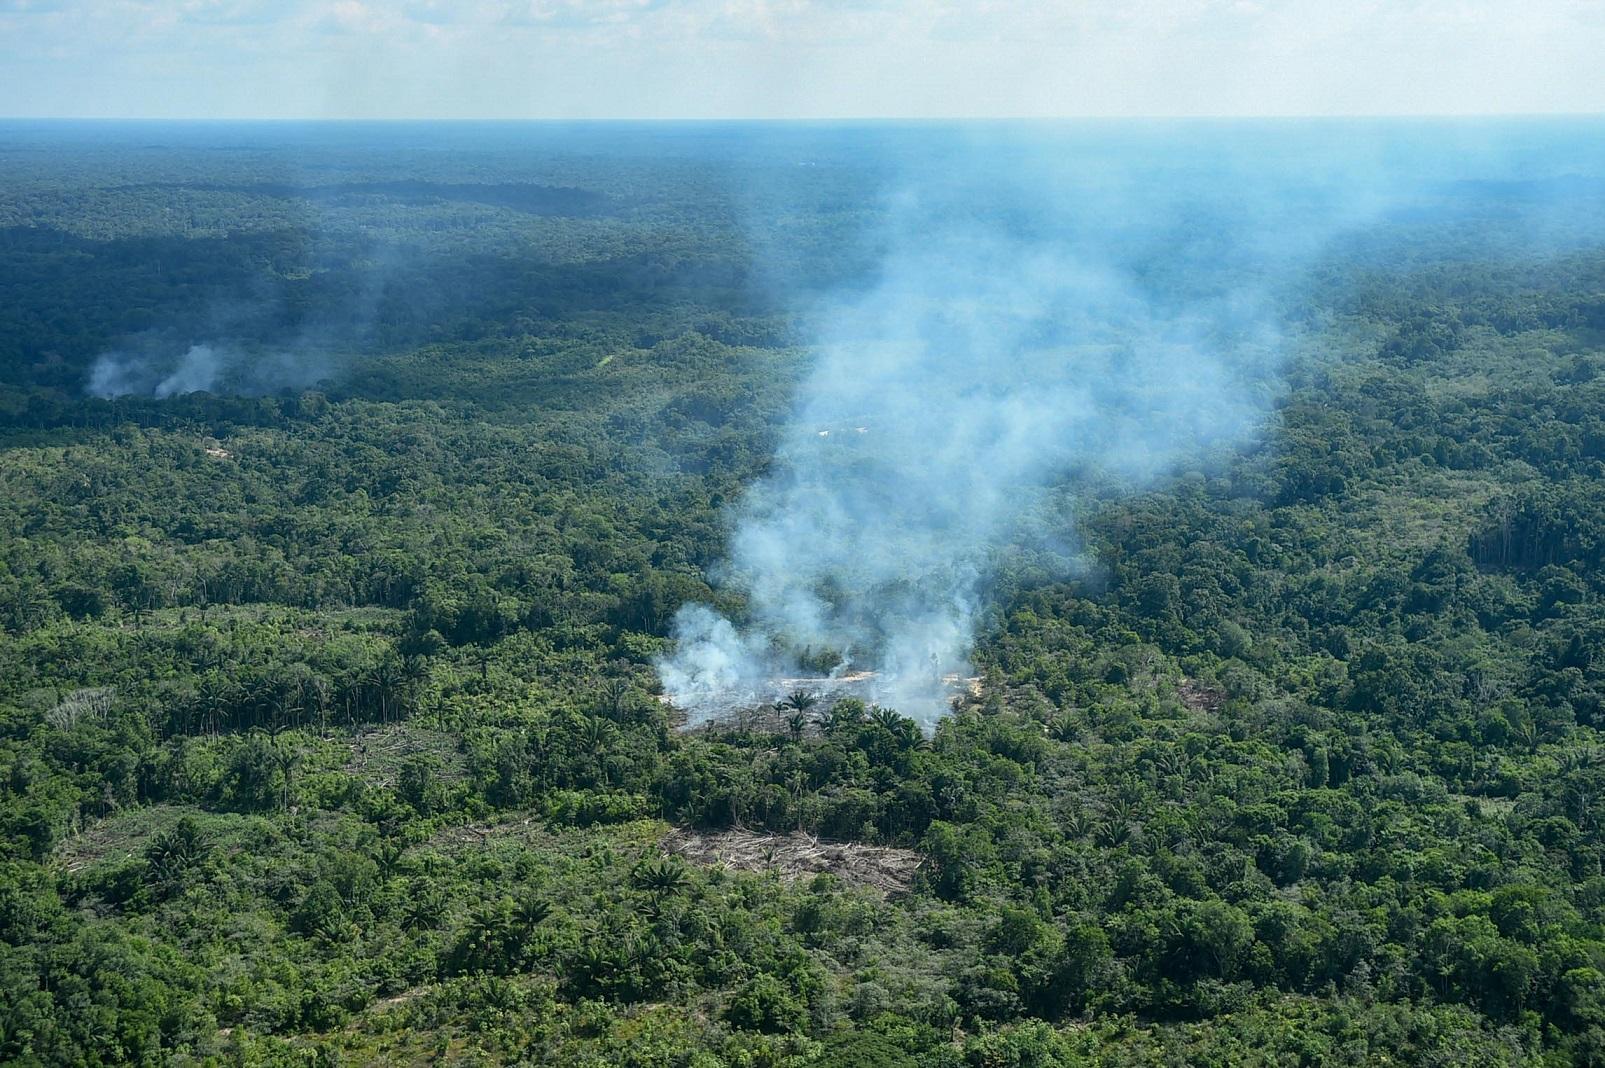 Foco de incêndio na floresta em São Gabriel da Cachoeira. Foto Chico Batata/DPA